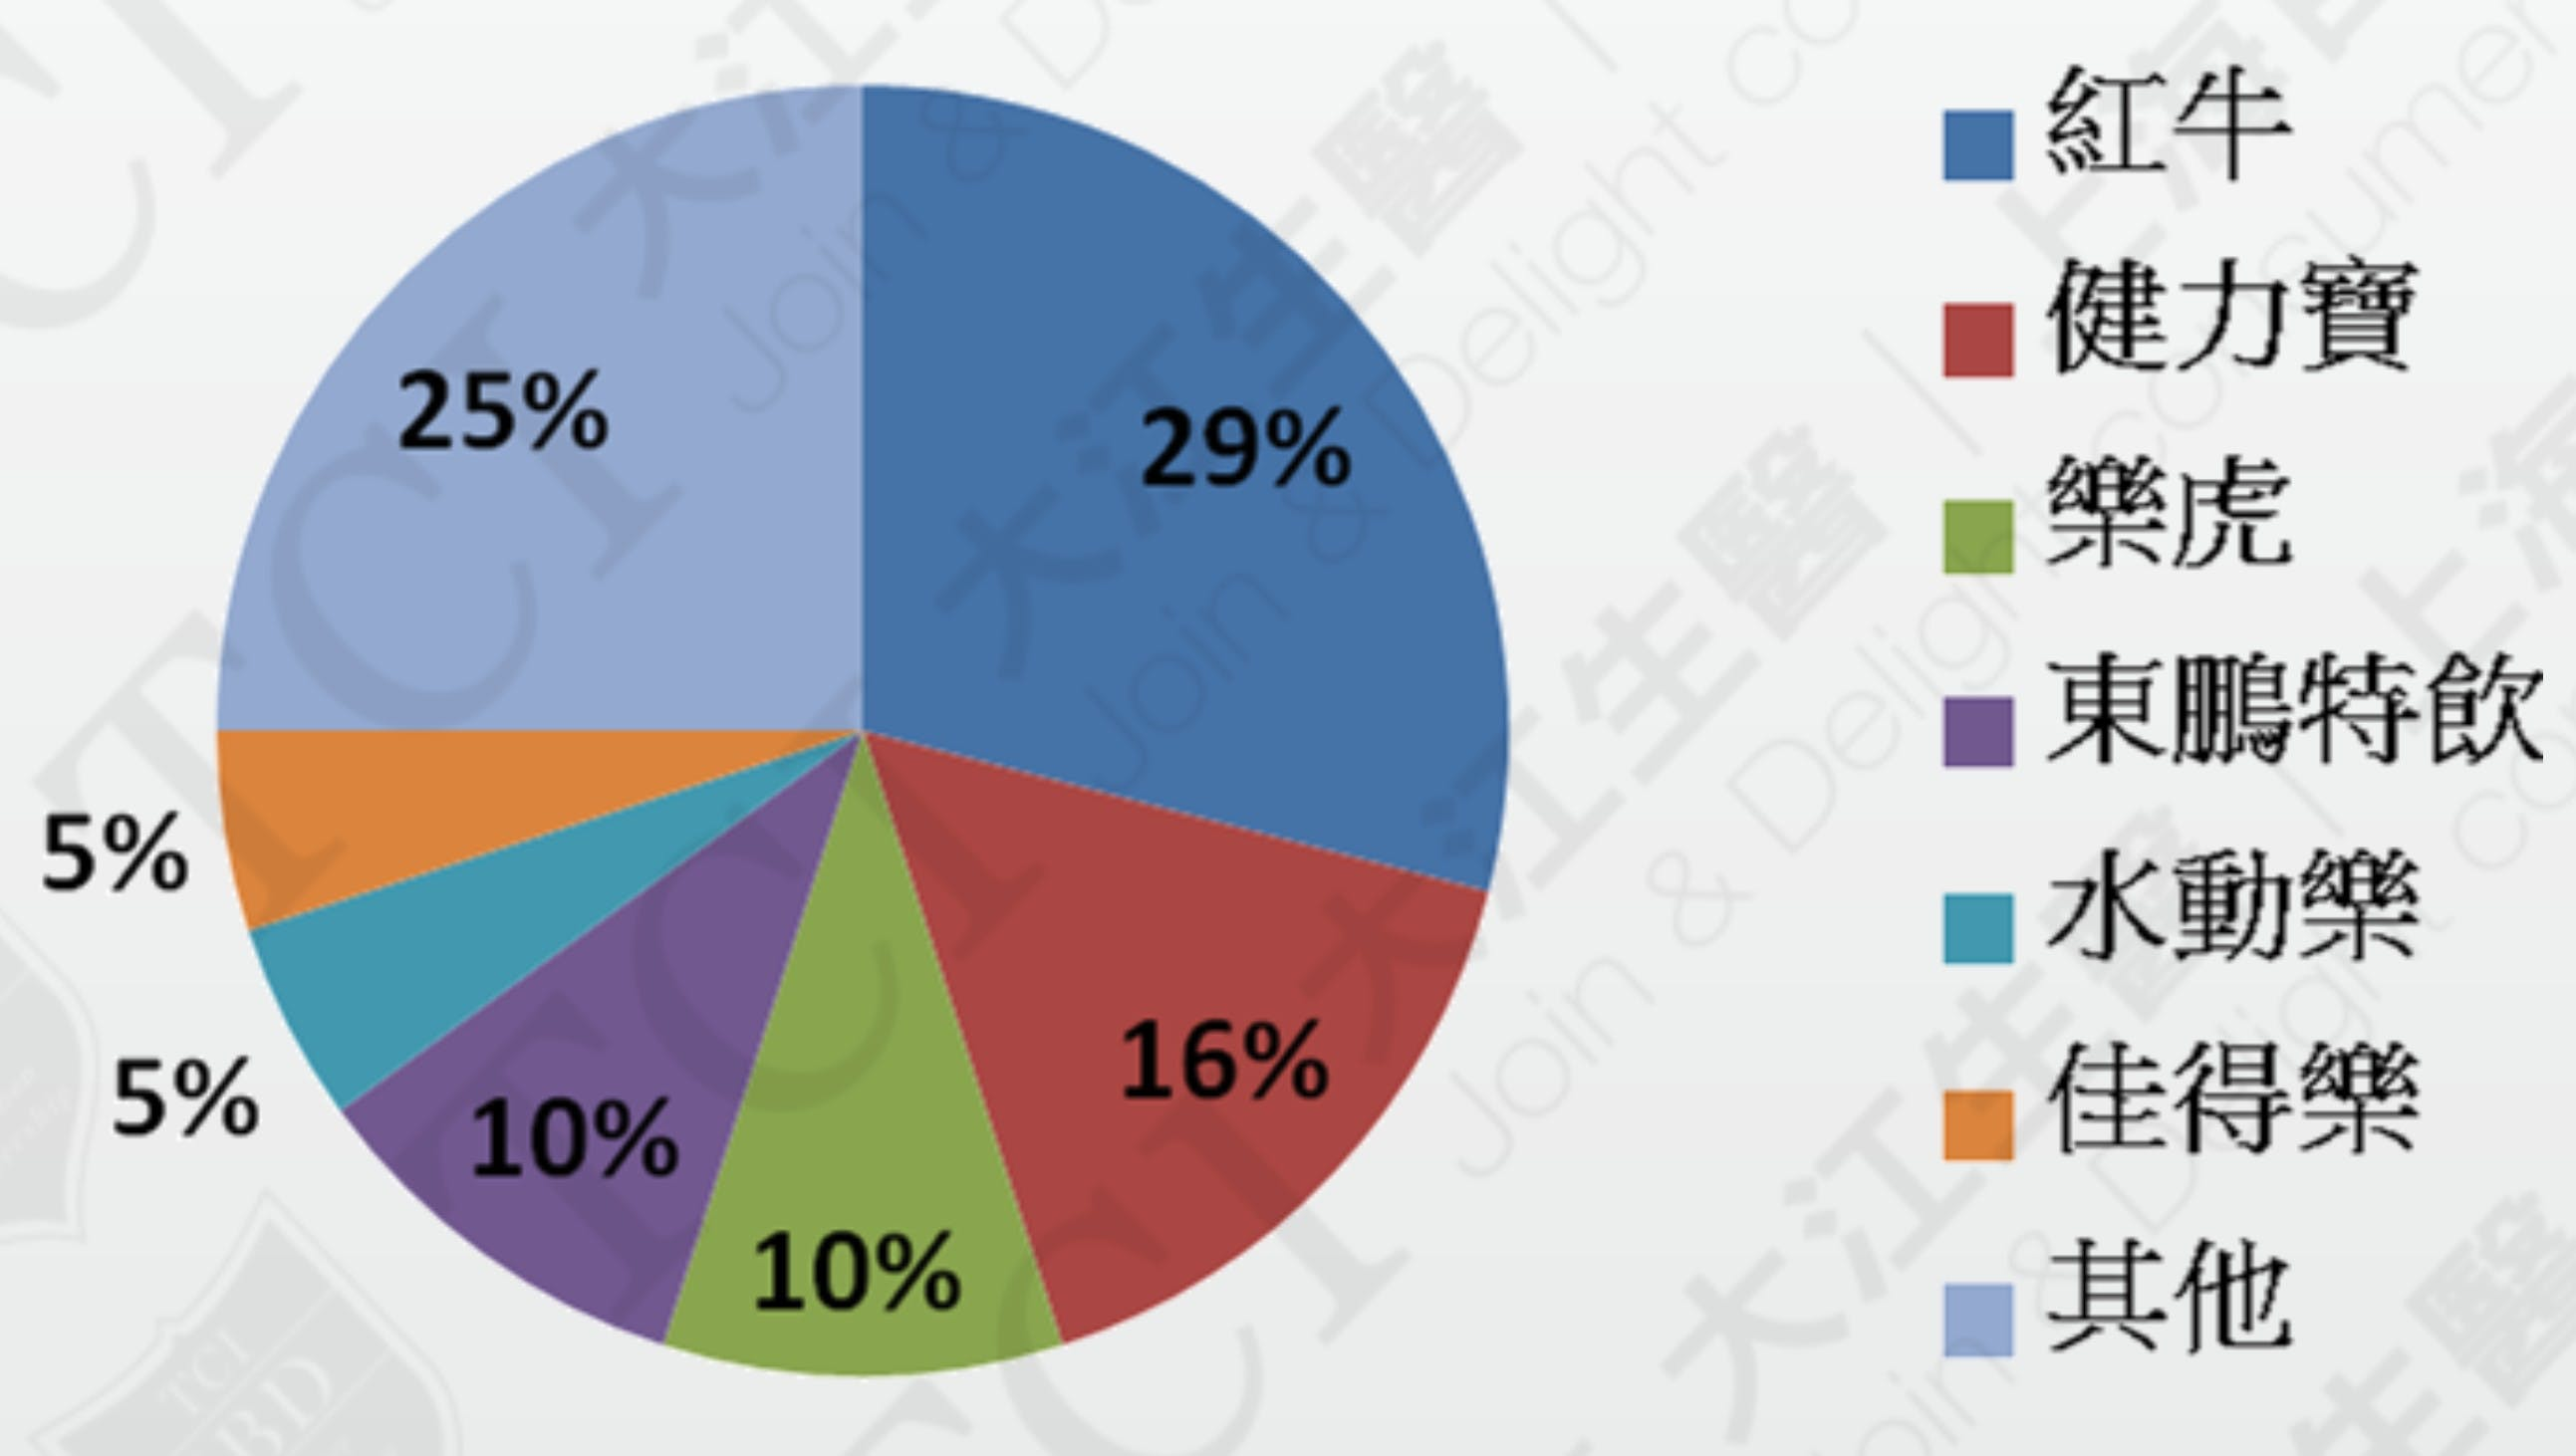 中国机能饮料市场竞争状况 资料来源: Euromonitor